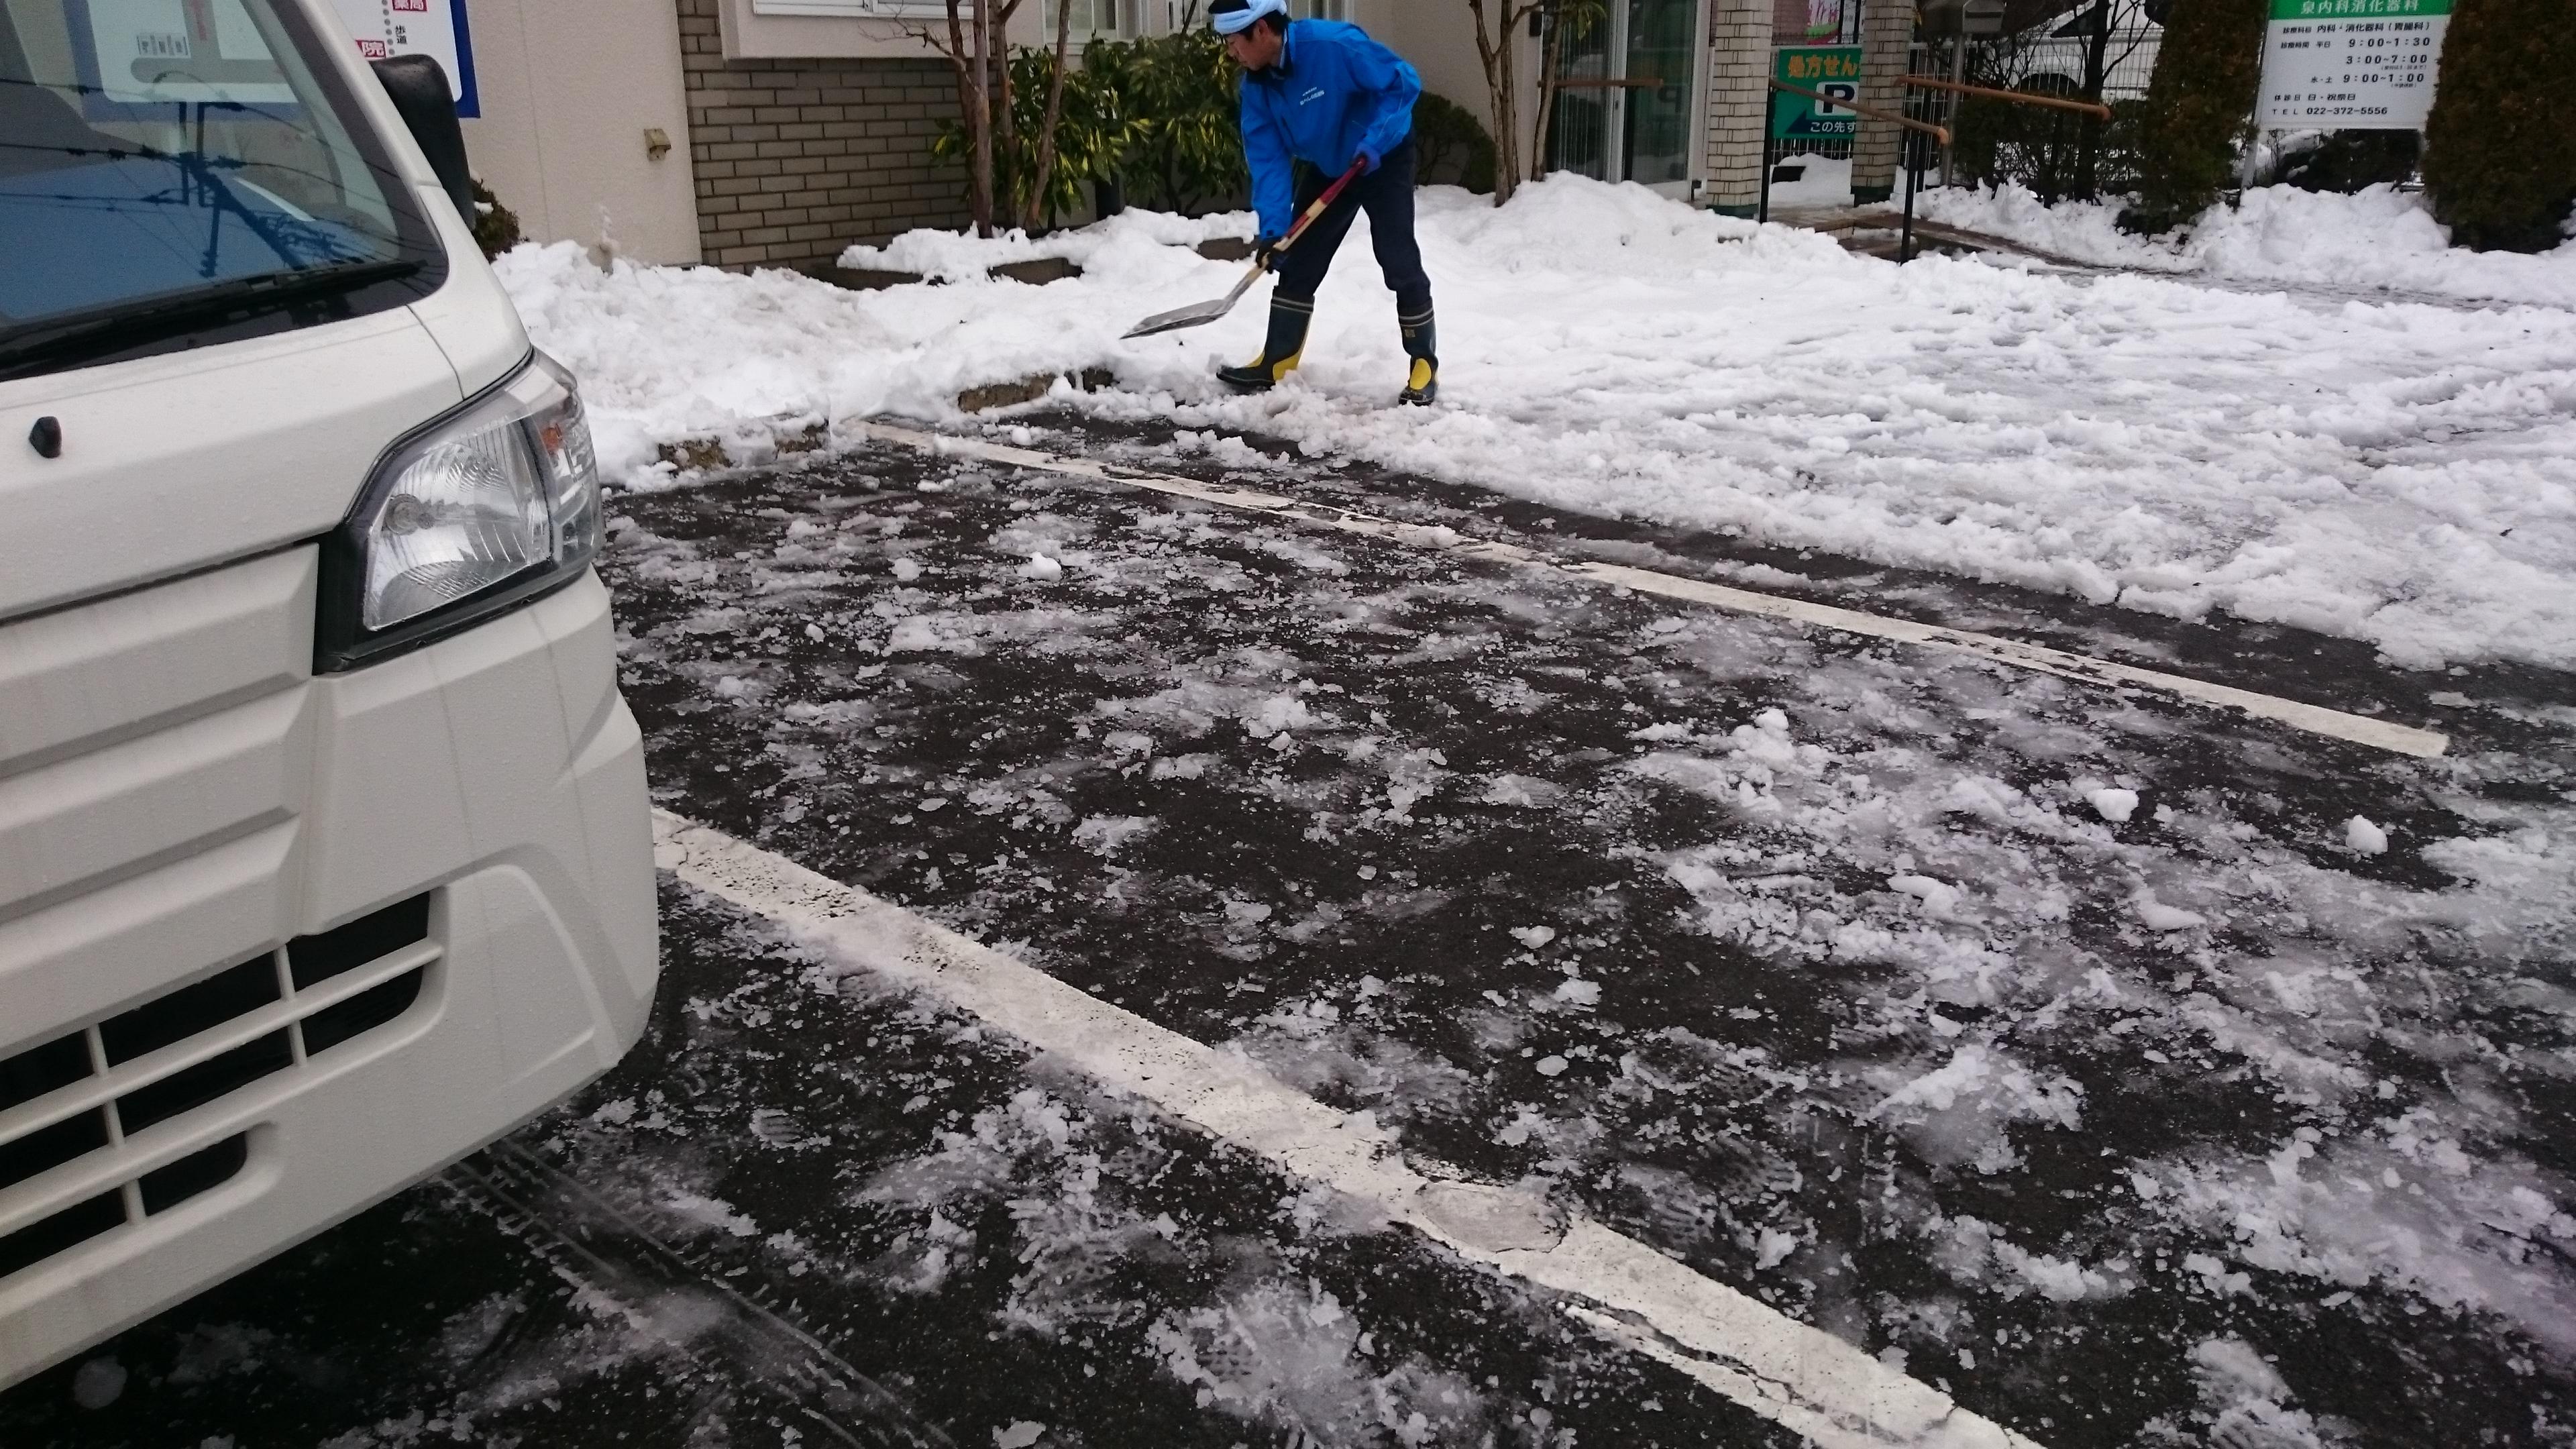 容赦なくスコップで雪を除いてゆく